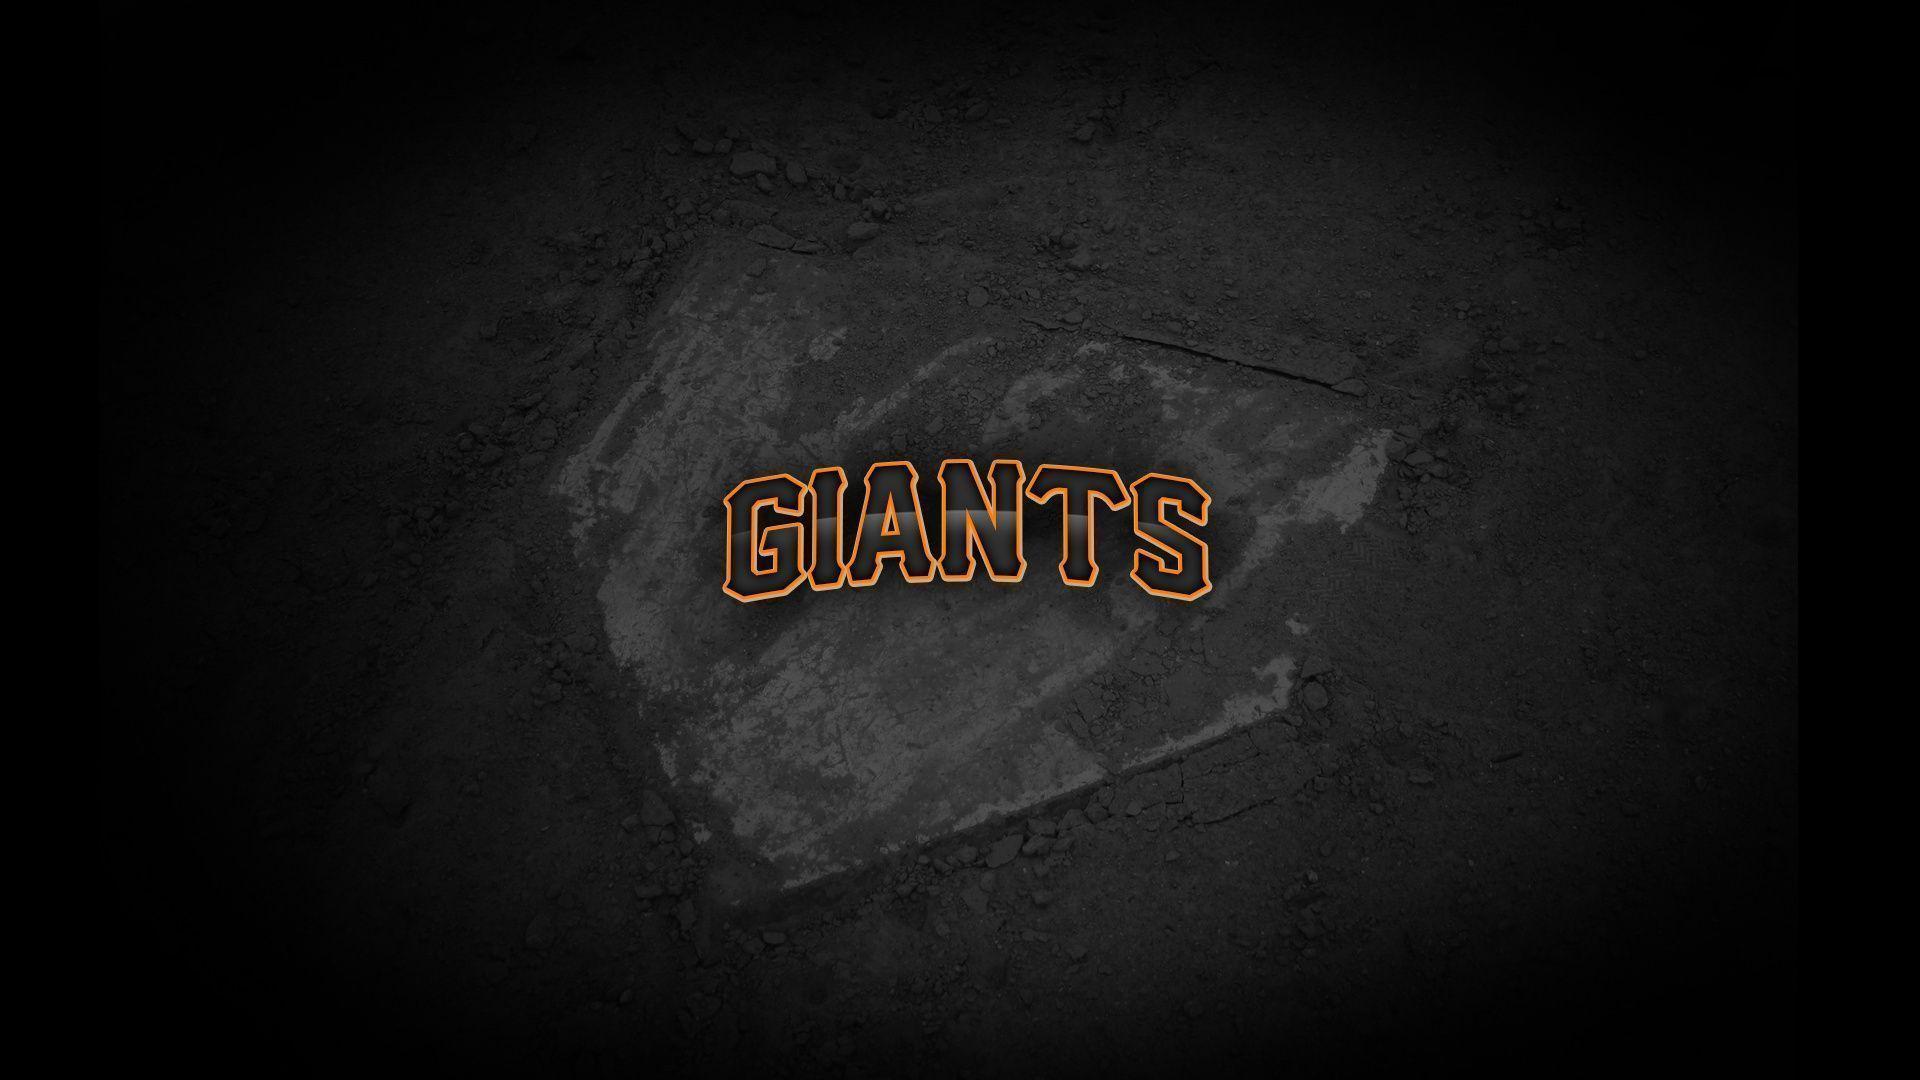 Sf Giants 2016 Schedule Wallpapers Wallpaper Cave HD Wallpapers Download Free Images Wallpaper [1000image.com]